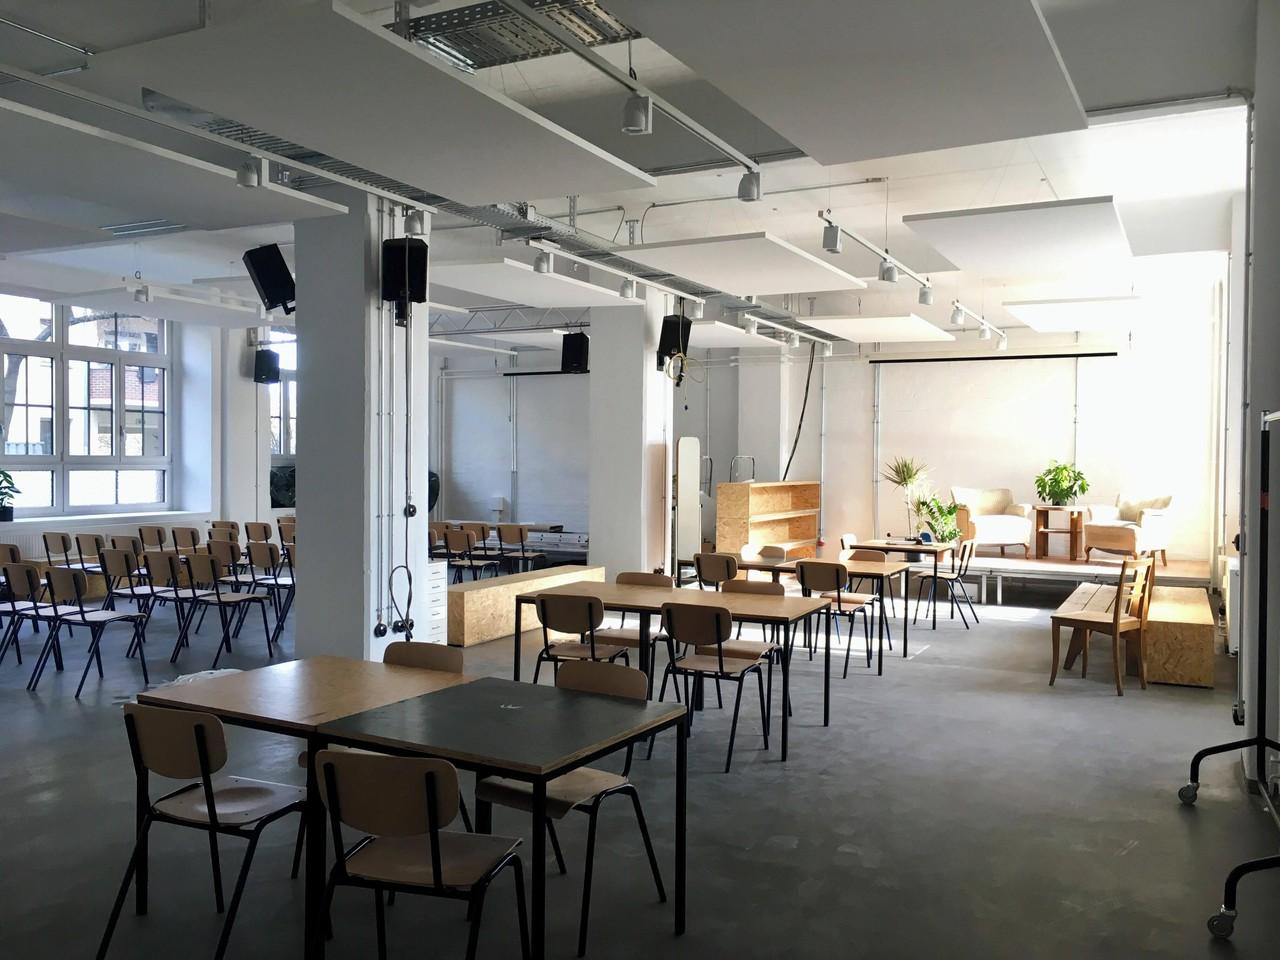 Berlin  Lieu industriel betahaus   Neukölln - Workshop image 3